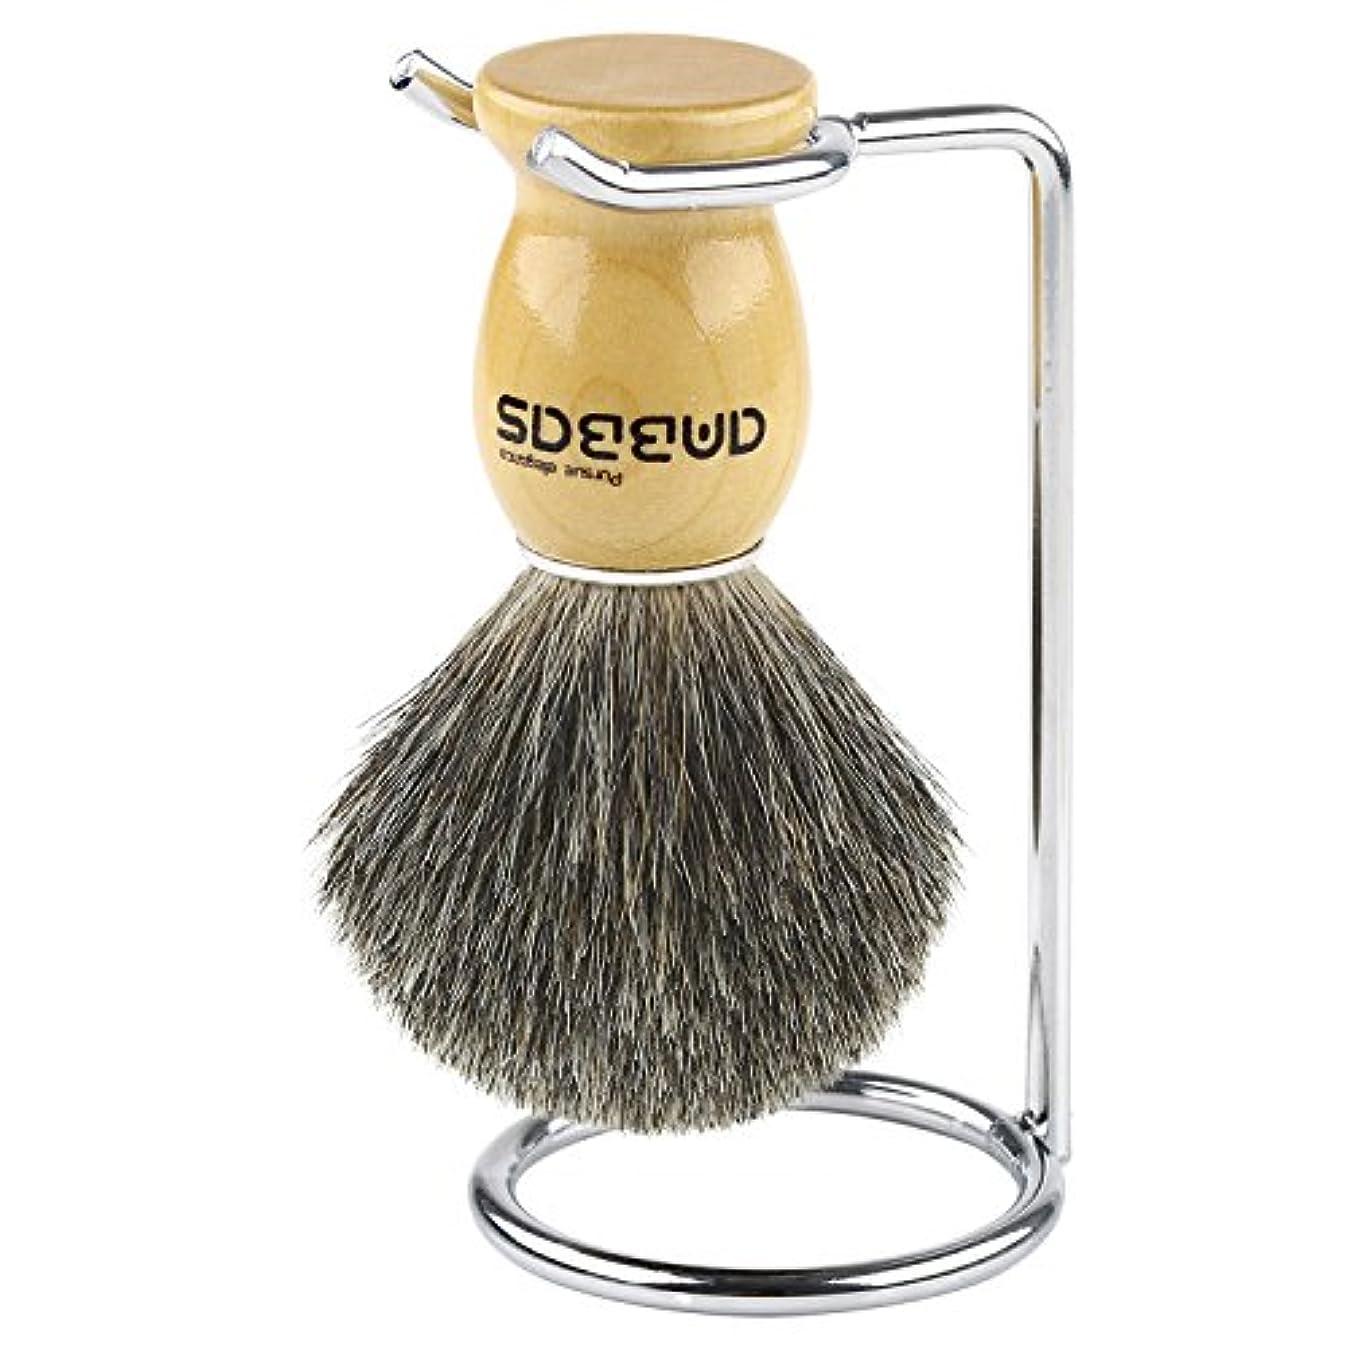 上級蒸留バスケットボールAnbbas シェービングブラシセット アナグマ毛 ブラシ+スタンド 2点セット メンズ 髭剃り 泡立ち 洗顔ブラシ